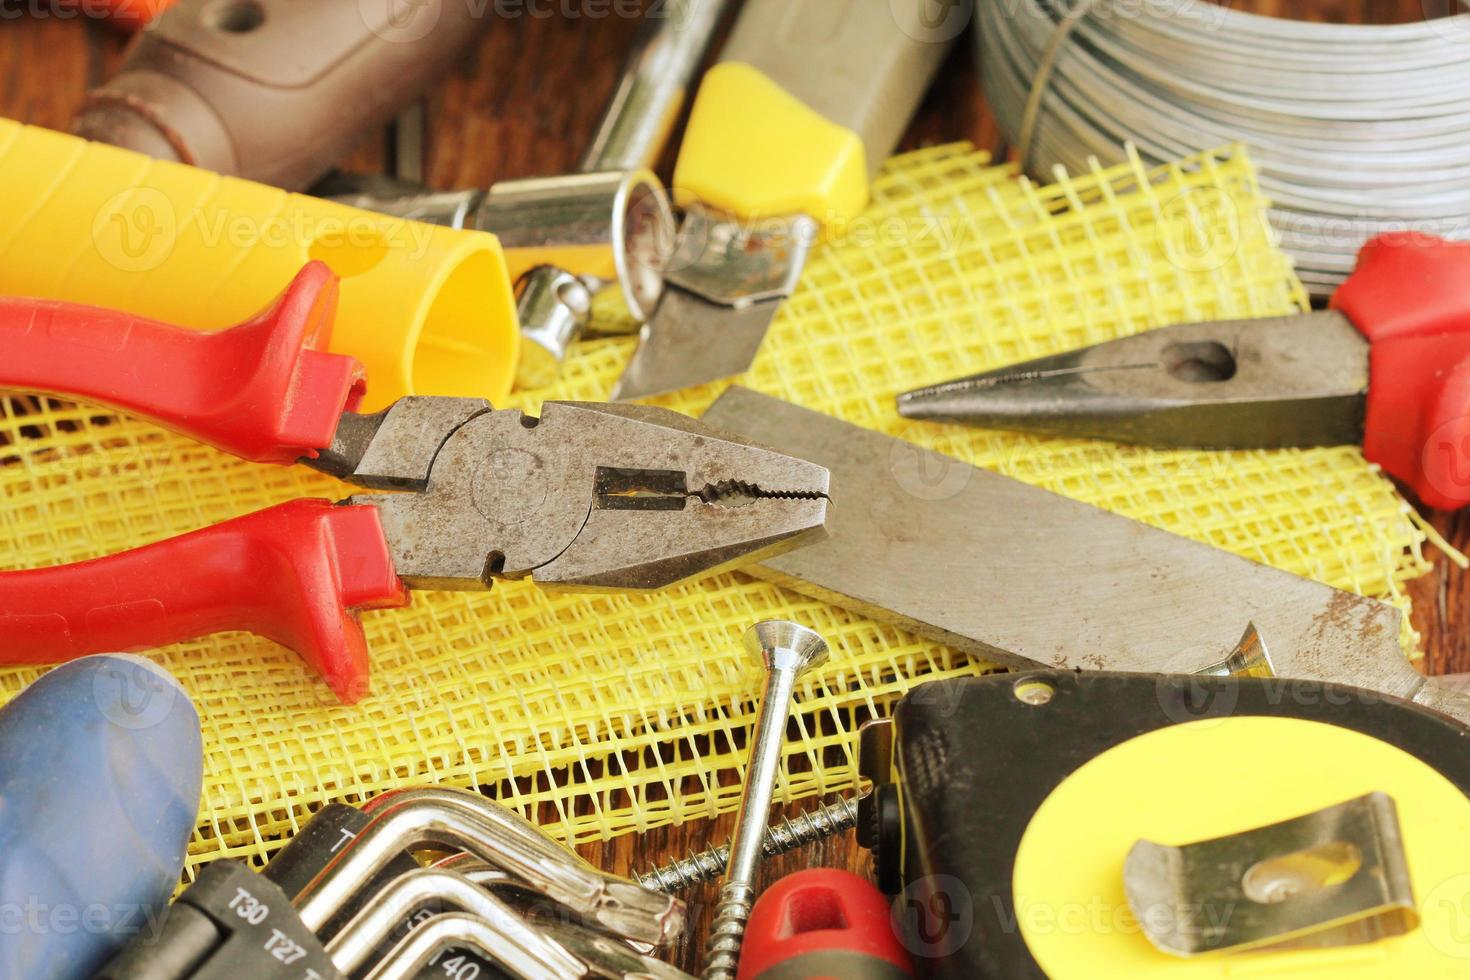 herramientas de trabajo variadas foto